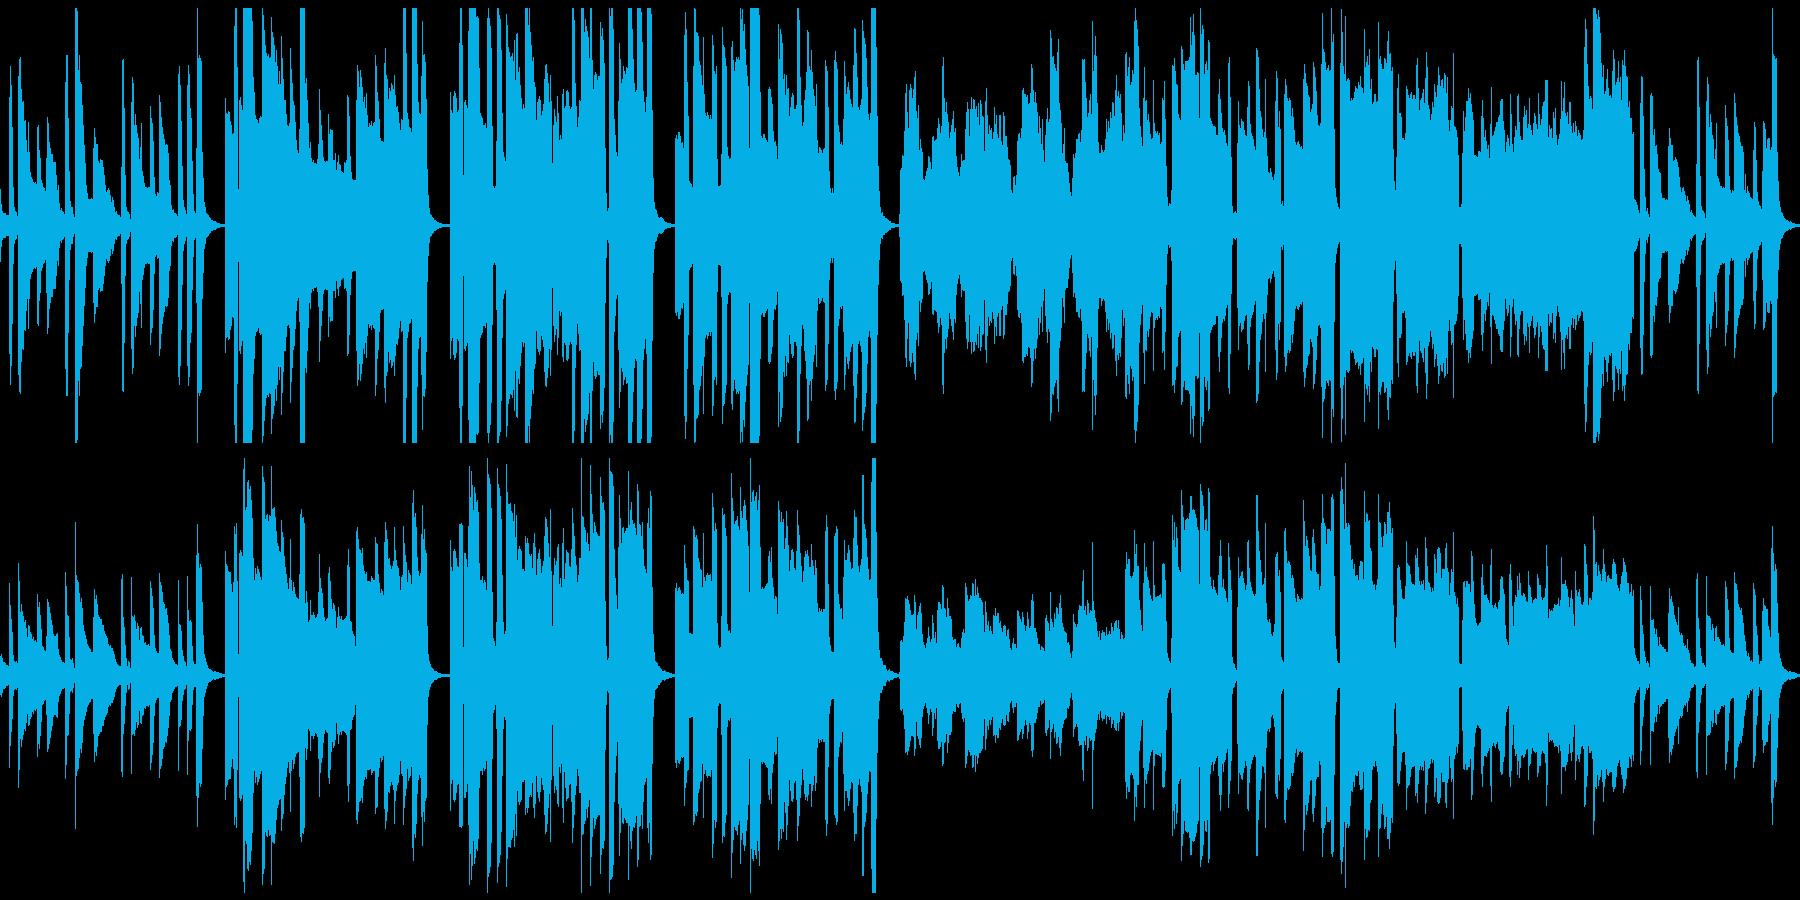 ほんわかな素朴BGM(ループ仕様)の再生済みの波形